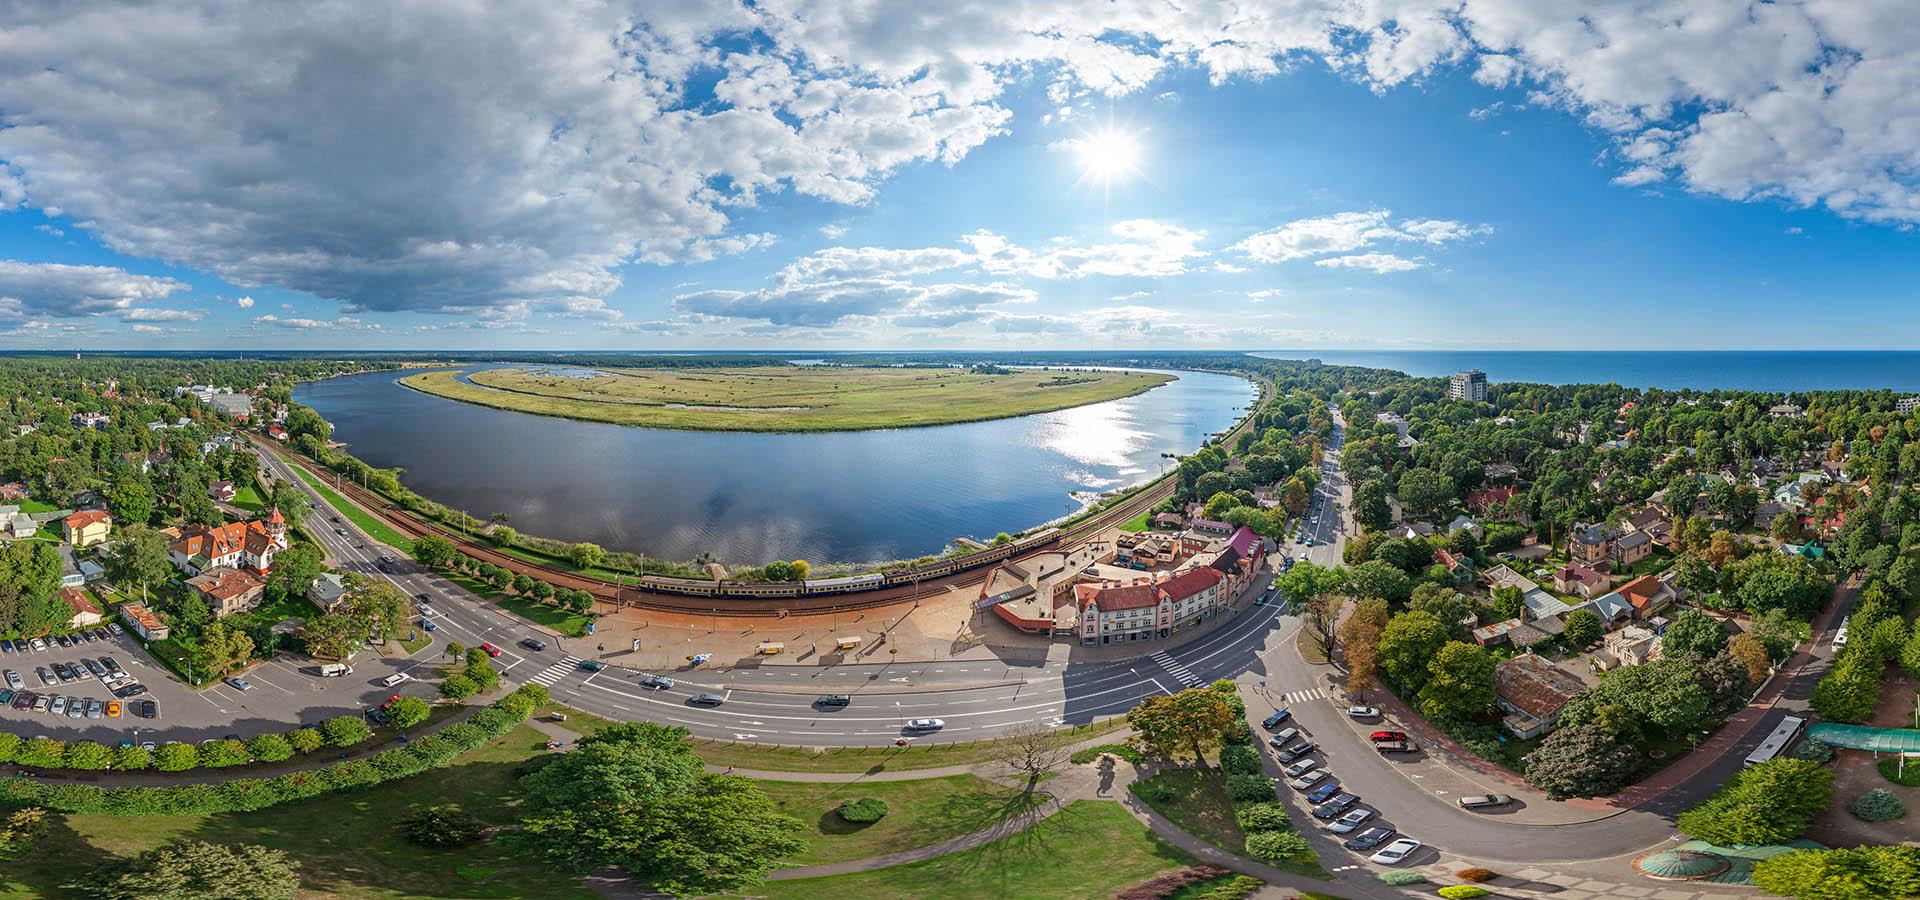 Jurmala_Resort_aerial_360_degree_panorama_OCEAN.LV_